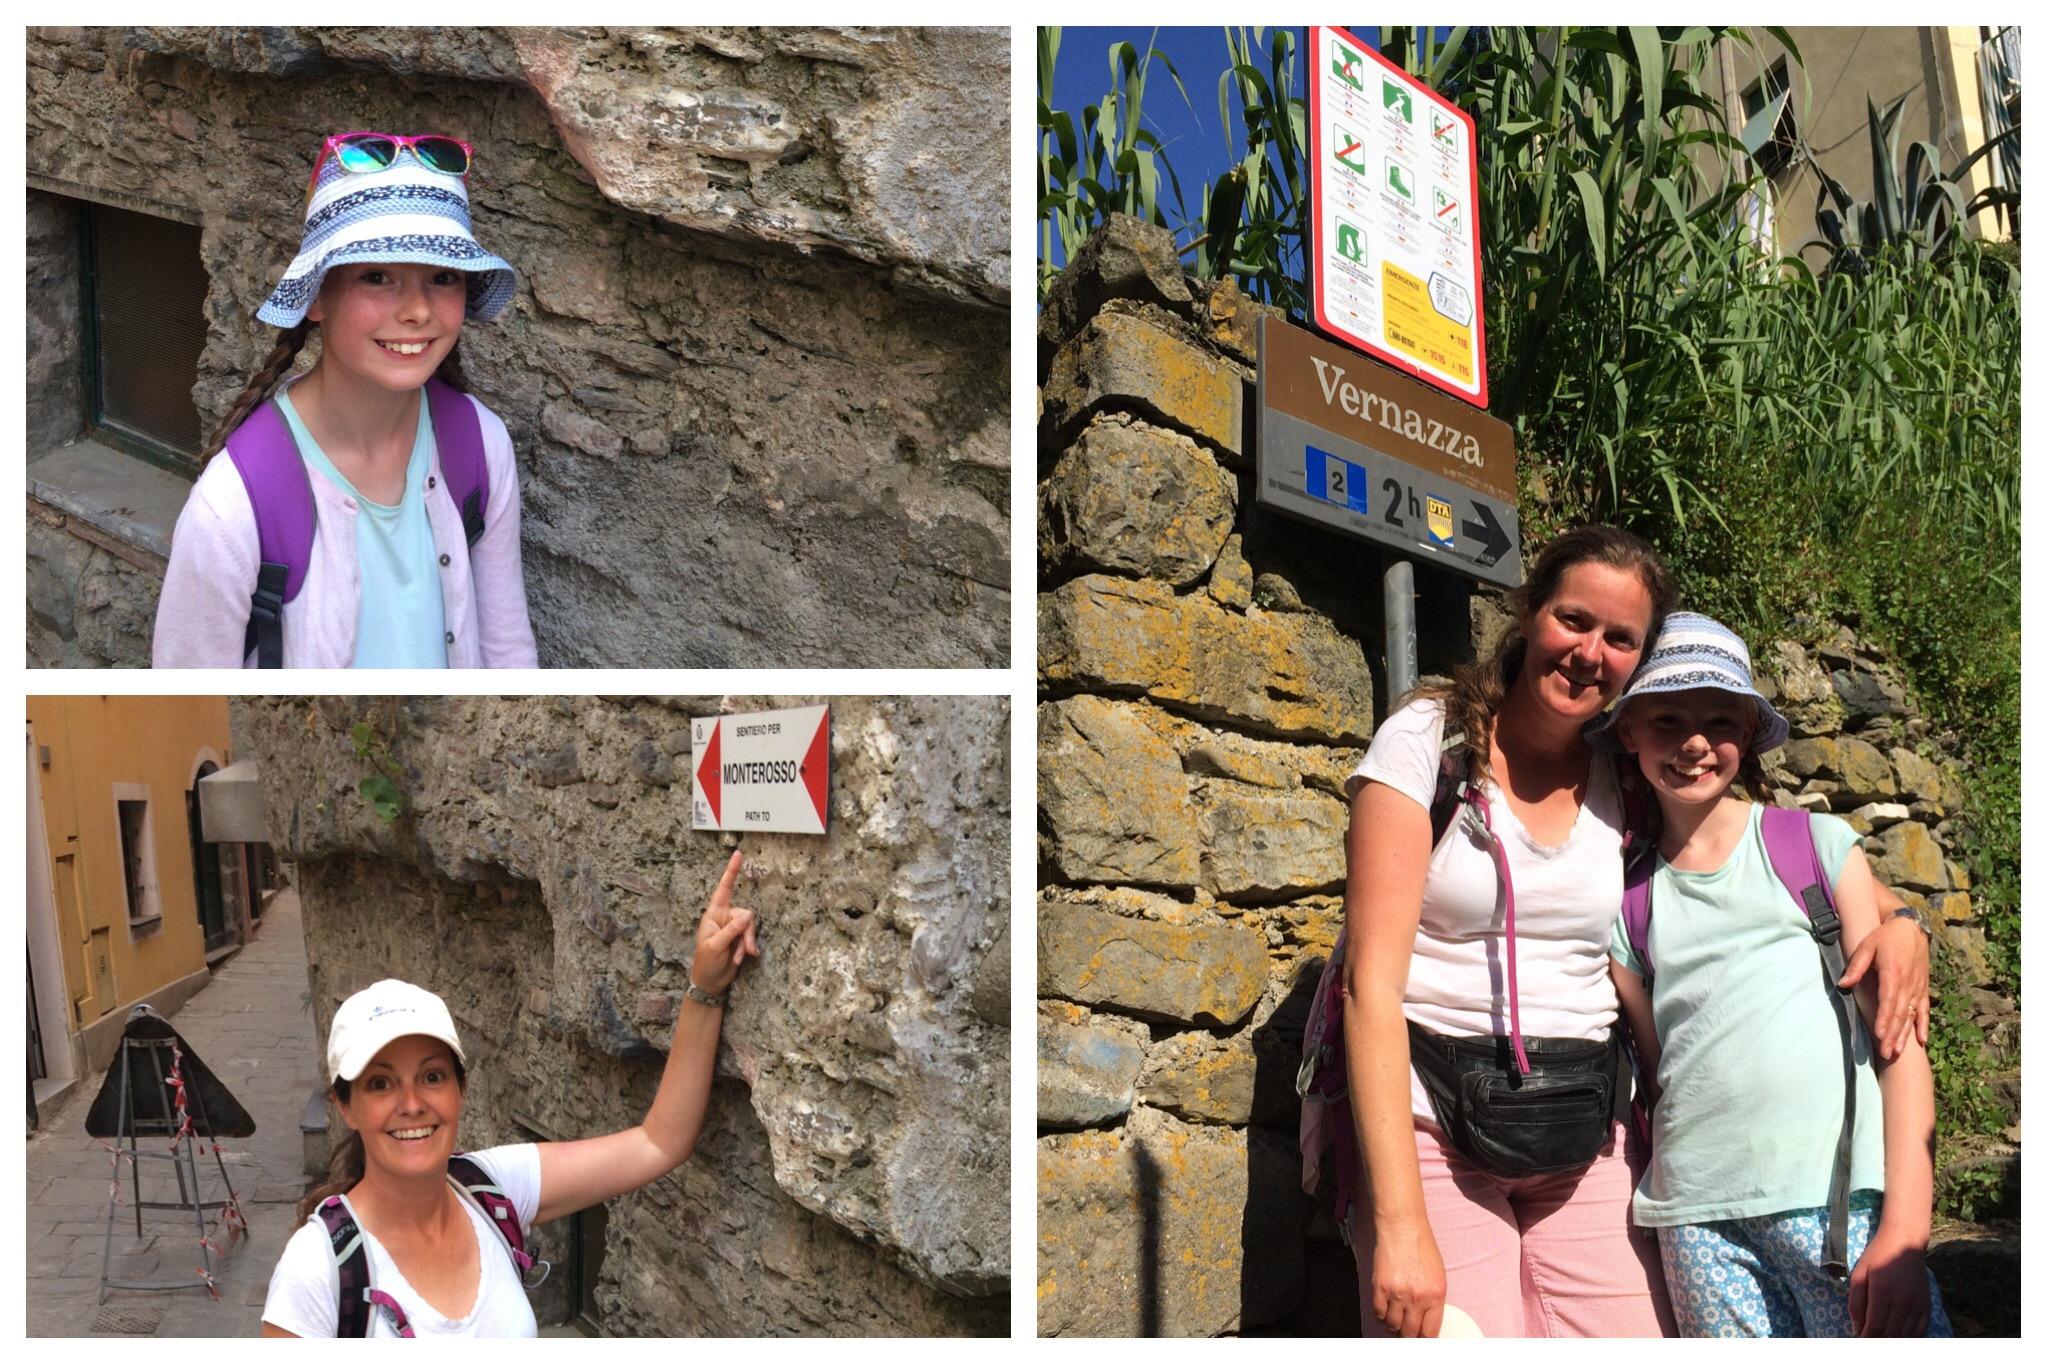 Cinque Terre walk Vernazza to Monterosso